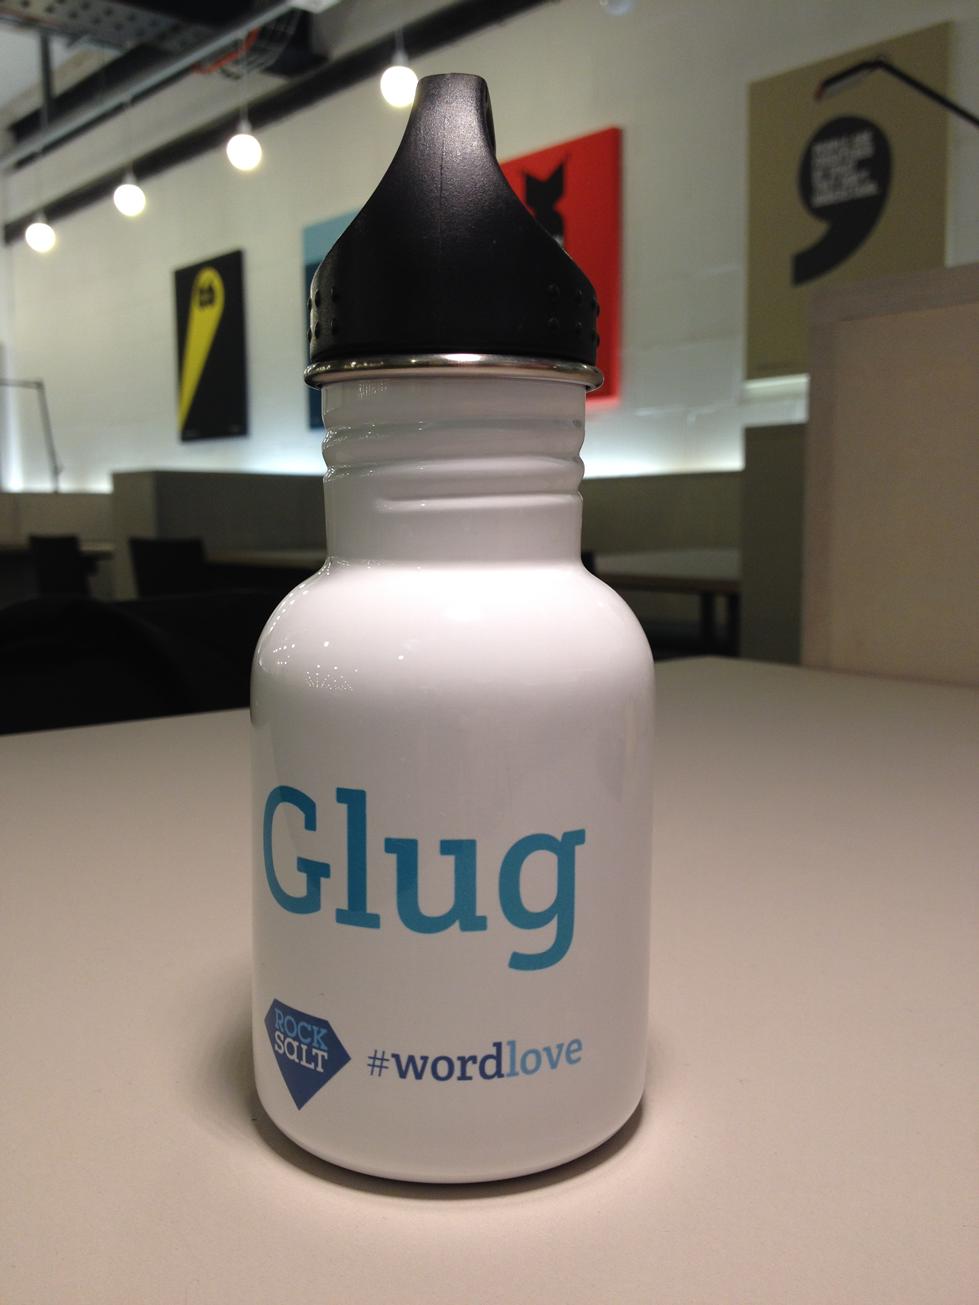 glug-bottle.png